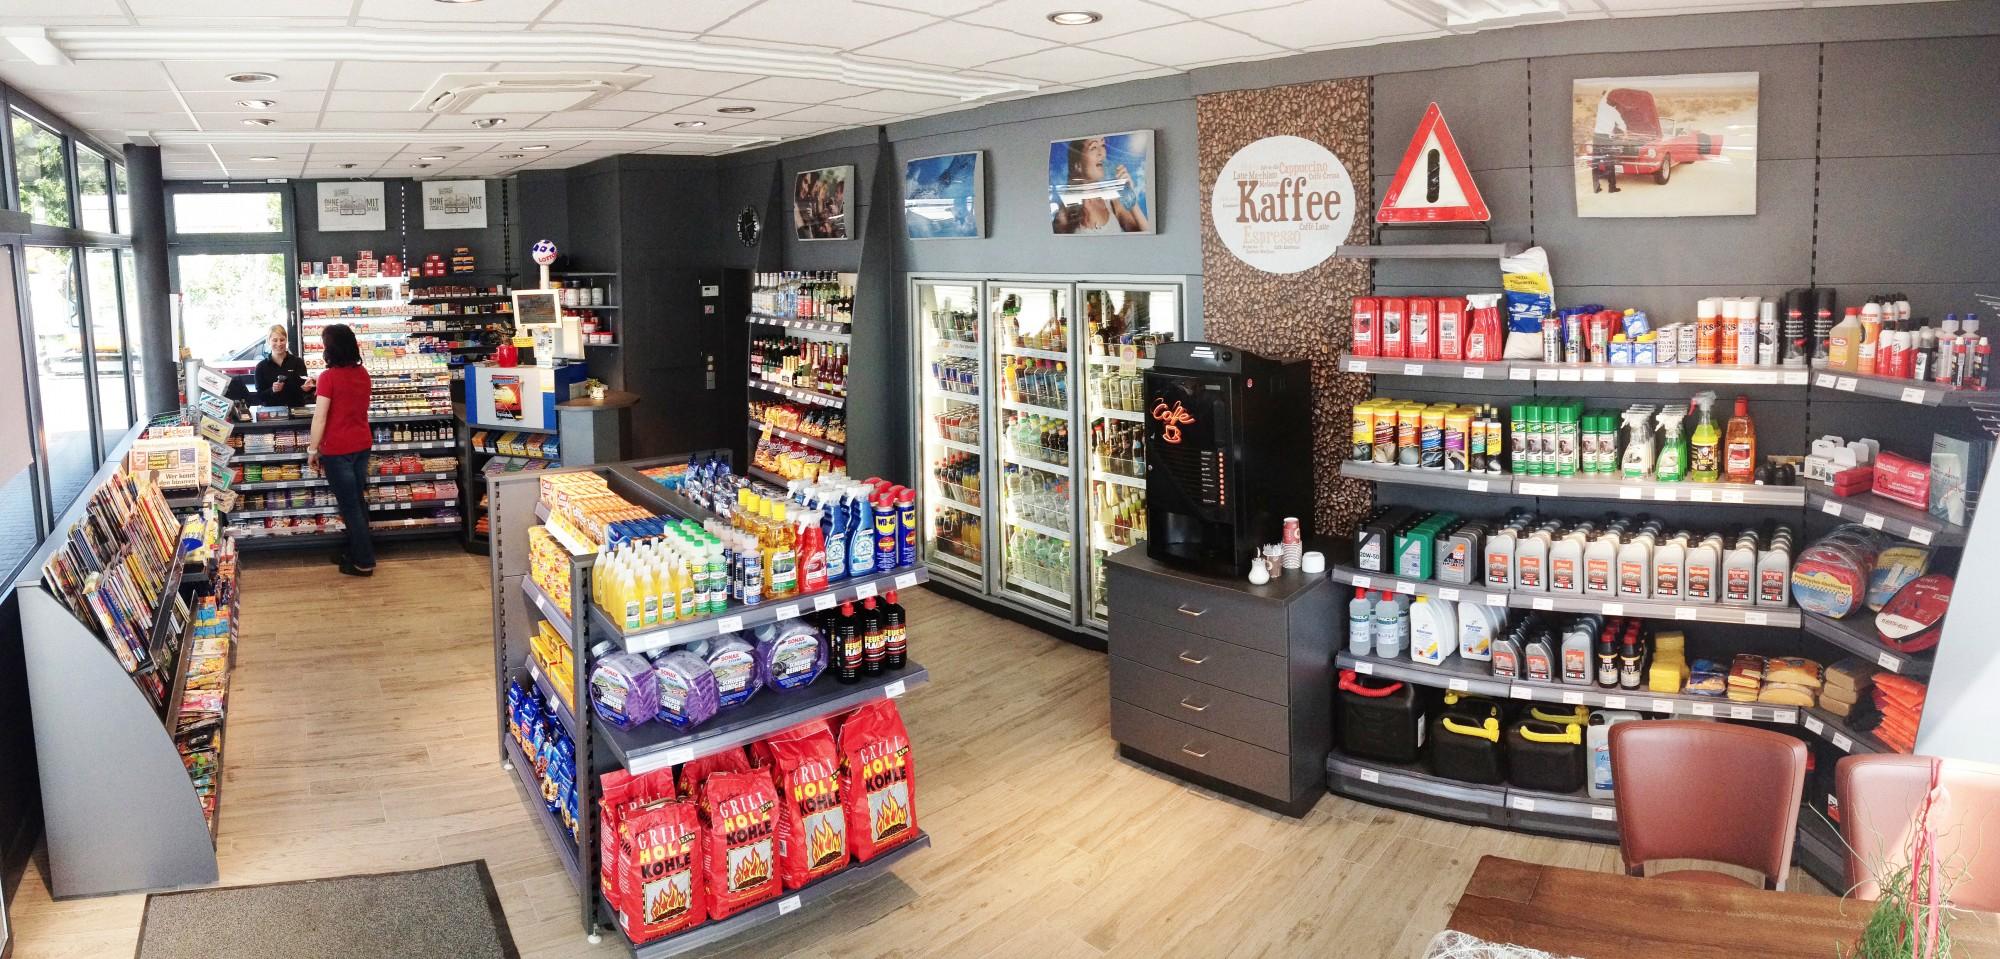 Pinoil Tankstelle Frei Erweiterung Verkaufsraum In